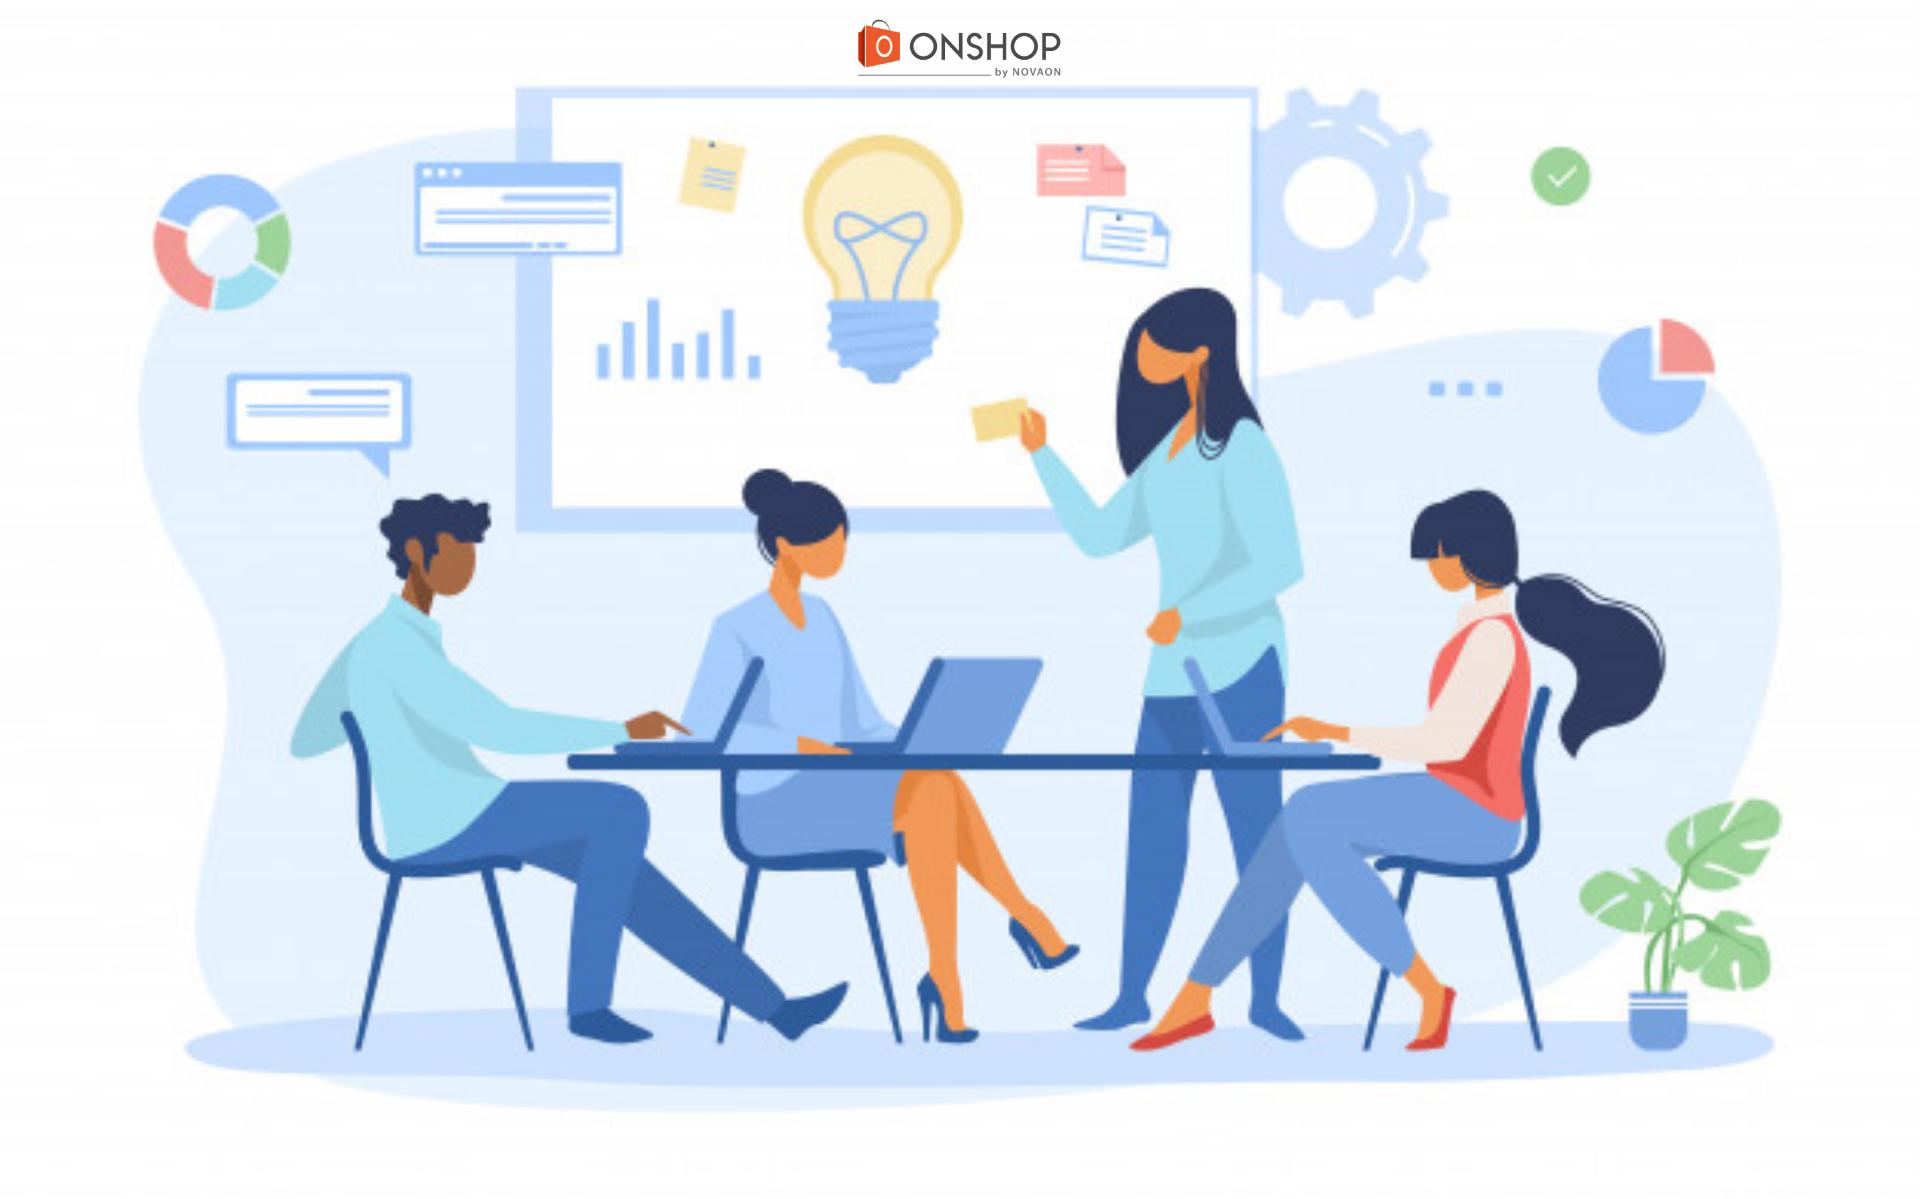 10 ý tưởng kinh doanh HỐT BẠC đang là xu hướng kinh doanh của giới trẻ hiện  nay - Blog Onshop